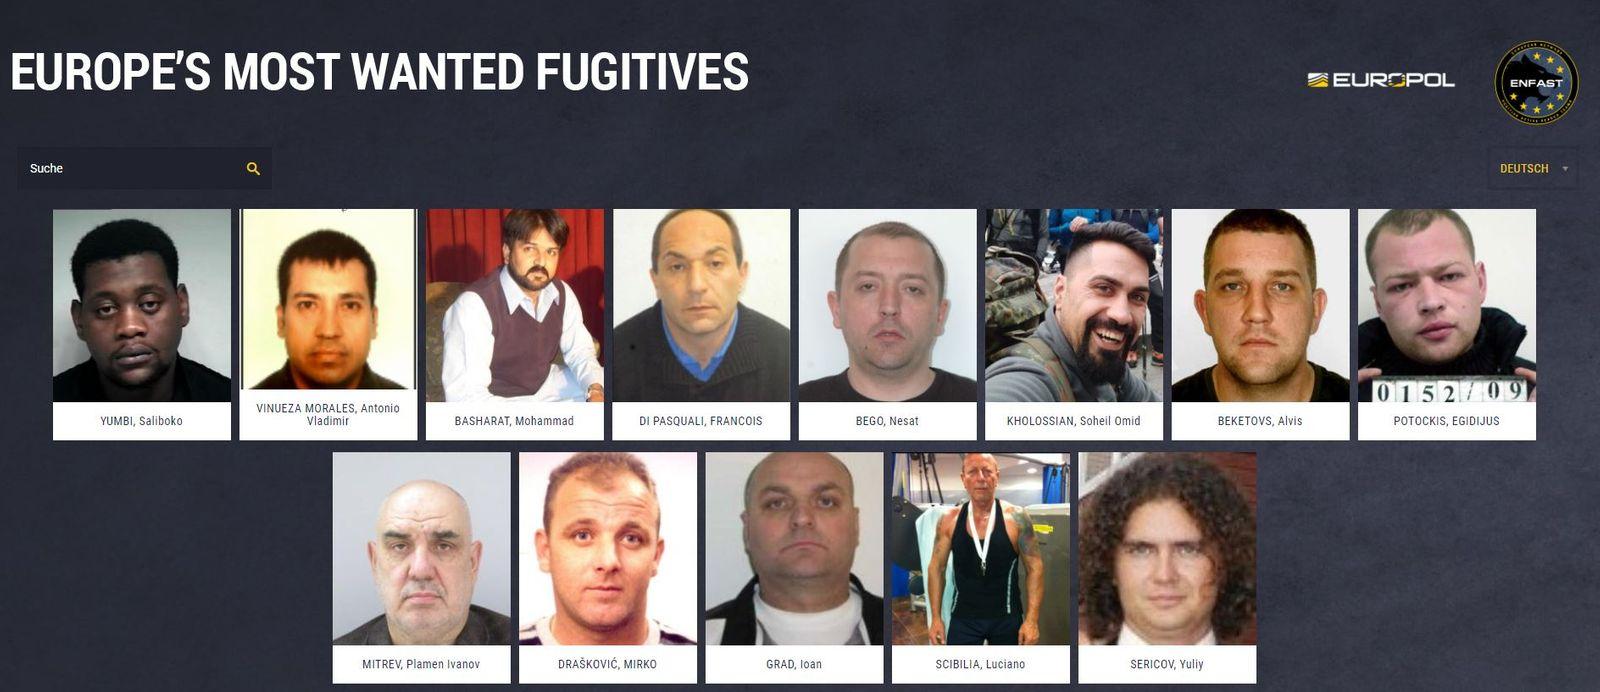 «Most Wanted»: Europol sucht gefährlichste Sexualverbrecher